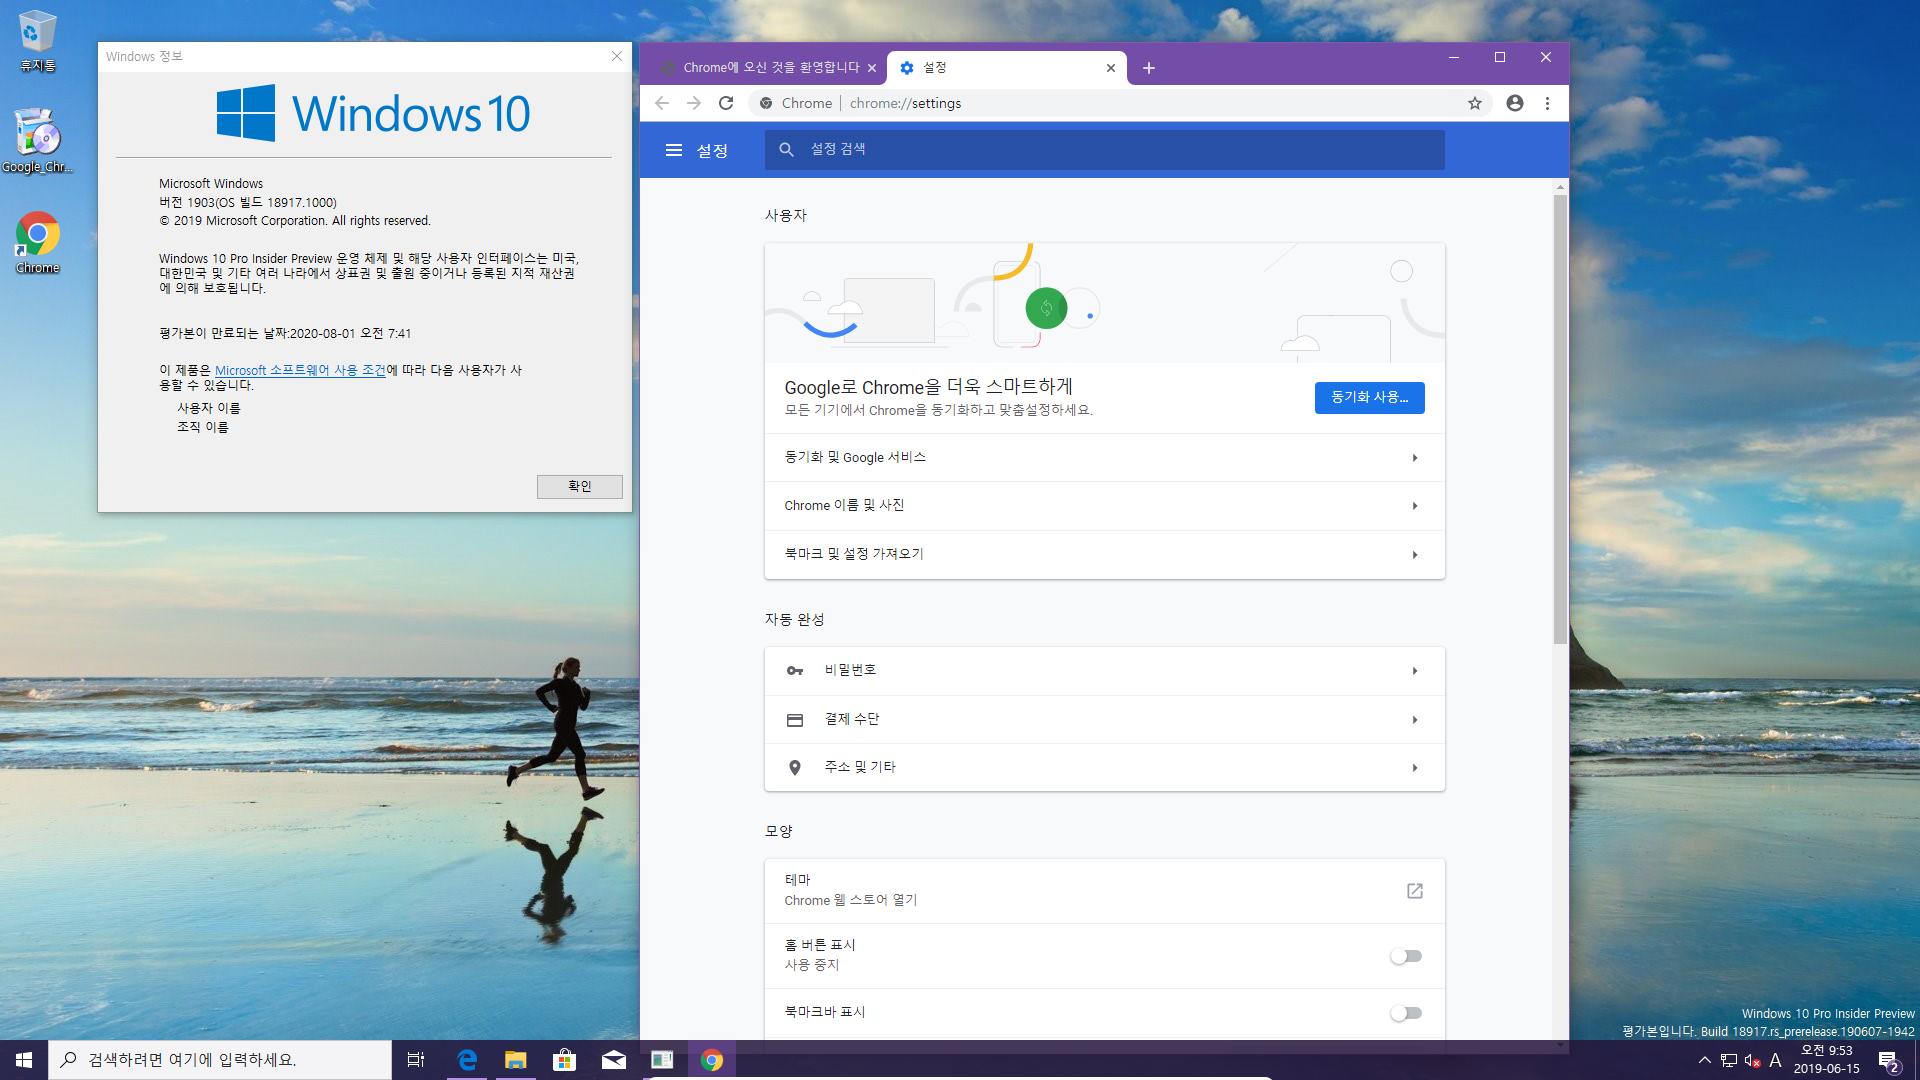 크롬 언어를 한국어로 설정하고, 한국어를 1순위로 설정하기 2019-06-15_095309.png